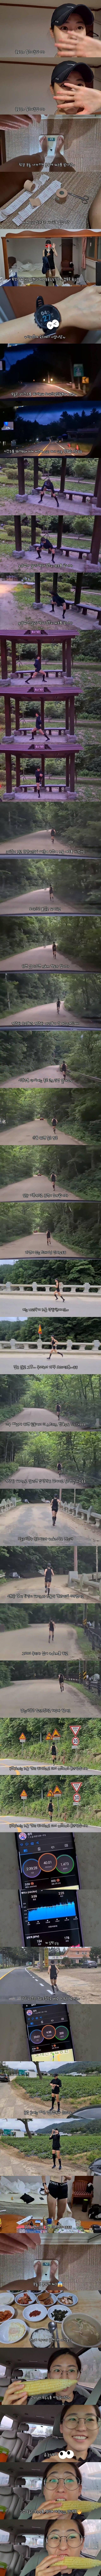 달리기 한번에 몸무게 2.2kg 빼는 방법.jpgif   인스티즈